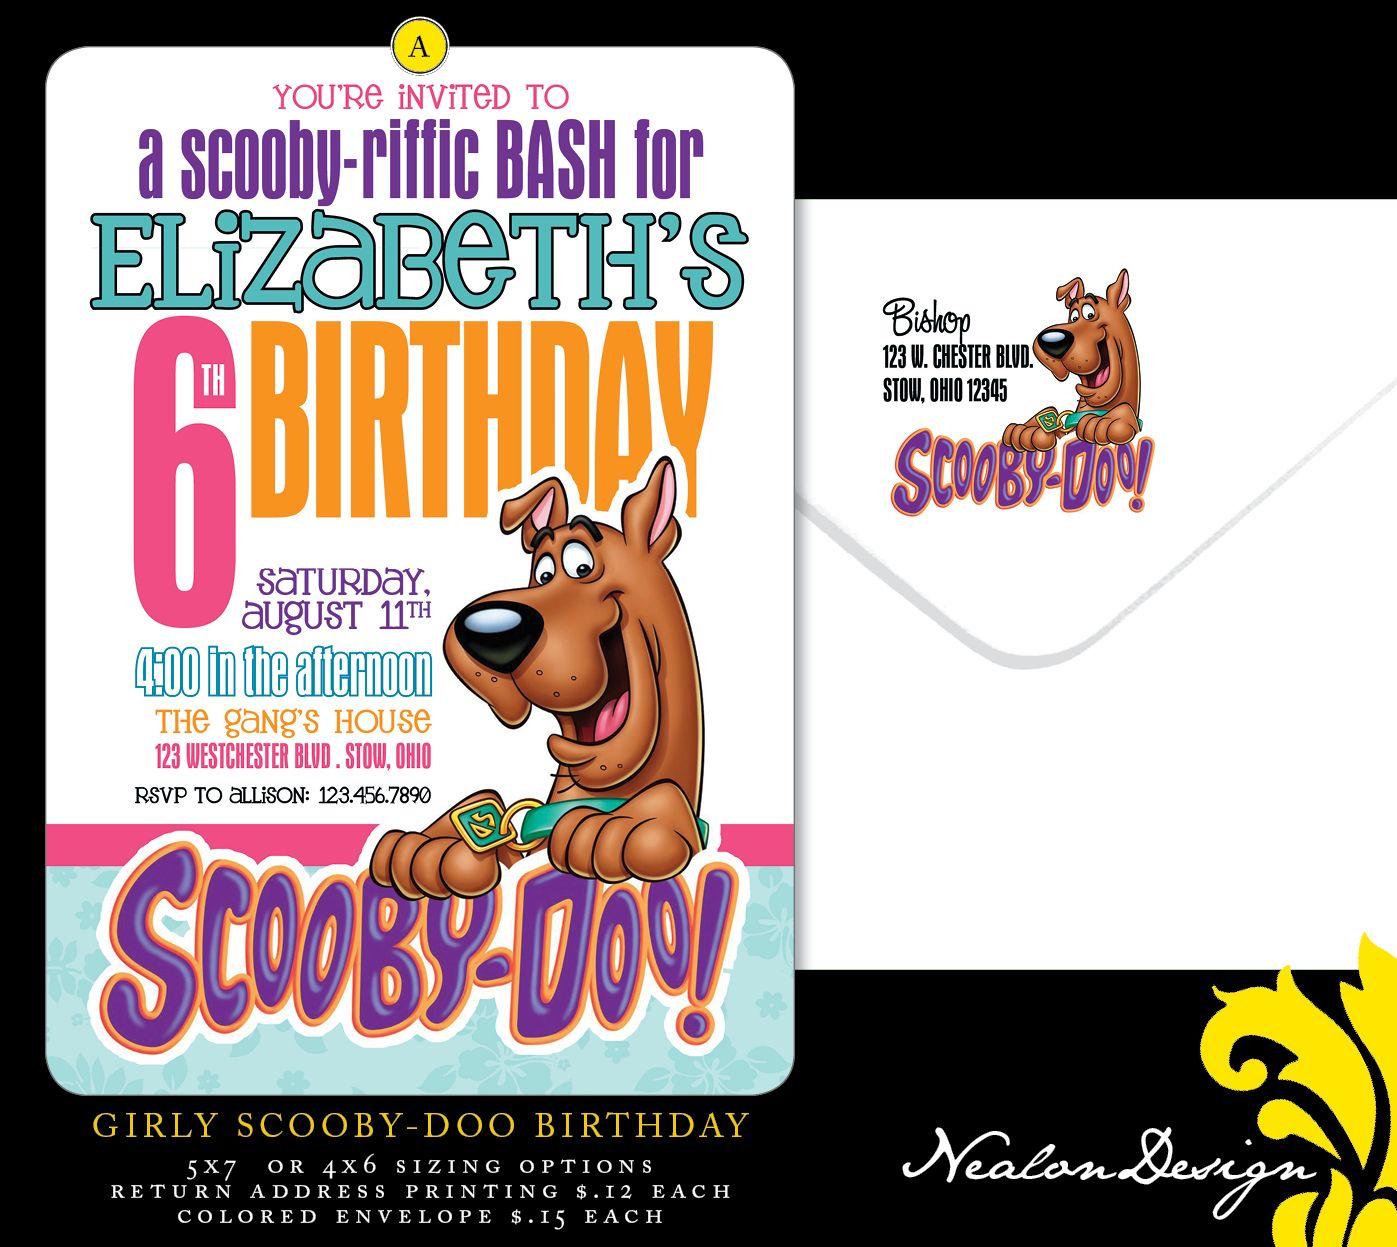 scooby doo birthday invitations | Nealon Design: Scooby-Doo ...